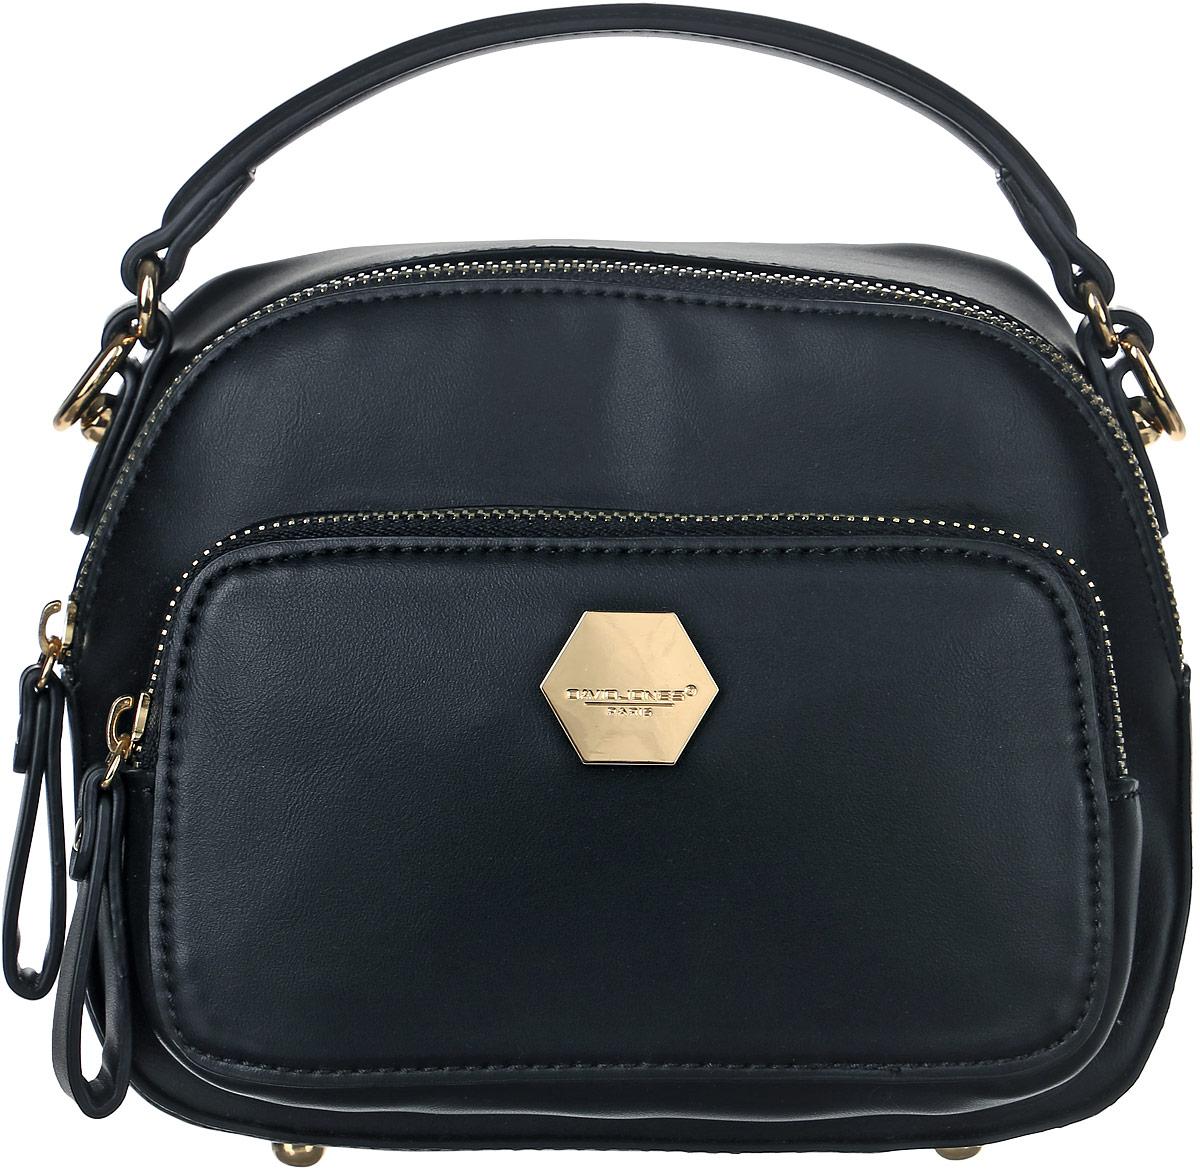 Сумка женская David Jones, цвет: черный. 5526-15526-1 BLACKСтильная женская сумка David Jones выполнена из мягкой экокожи и с лицевой стороны дополнена металлической пластиной с названием бренда. Сумка имеет одно основное отделение, закрывающееся на застежку-молнию. Внутри находится прорезной карман на застежке-молнии и один накладной открытый карман. Снаружи, на передней стенке размещен прорезной карман на застежке- молнии. Сумка оснащена одной удобной ручкой и съемным плечевым ремнем. Дно сумки дополнено металлическими ножками.